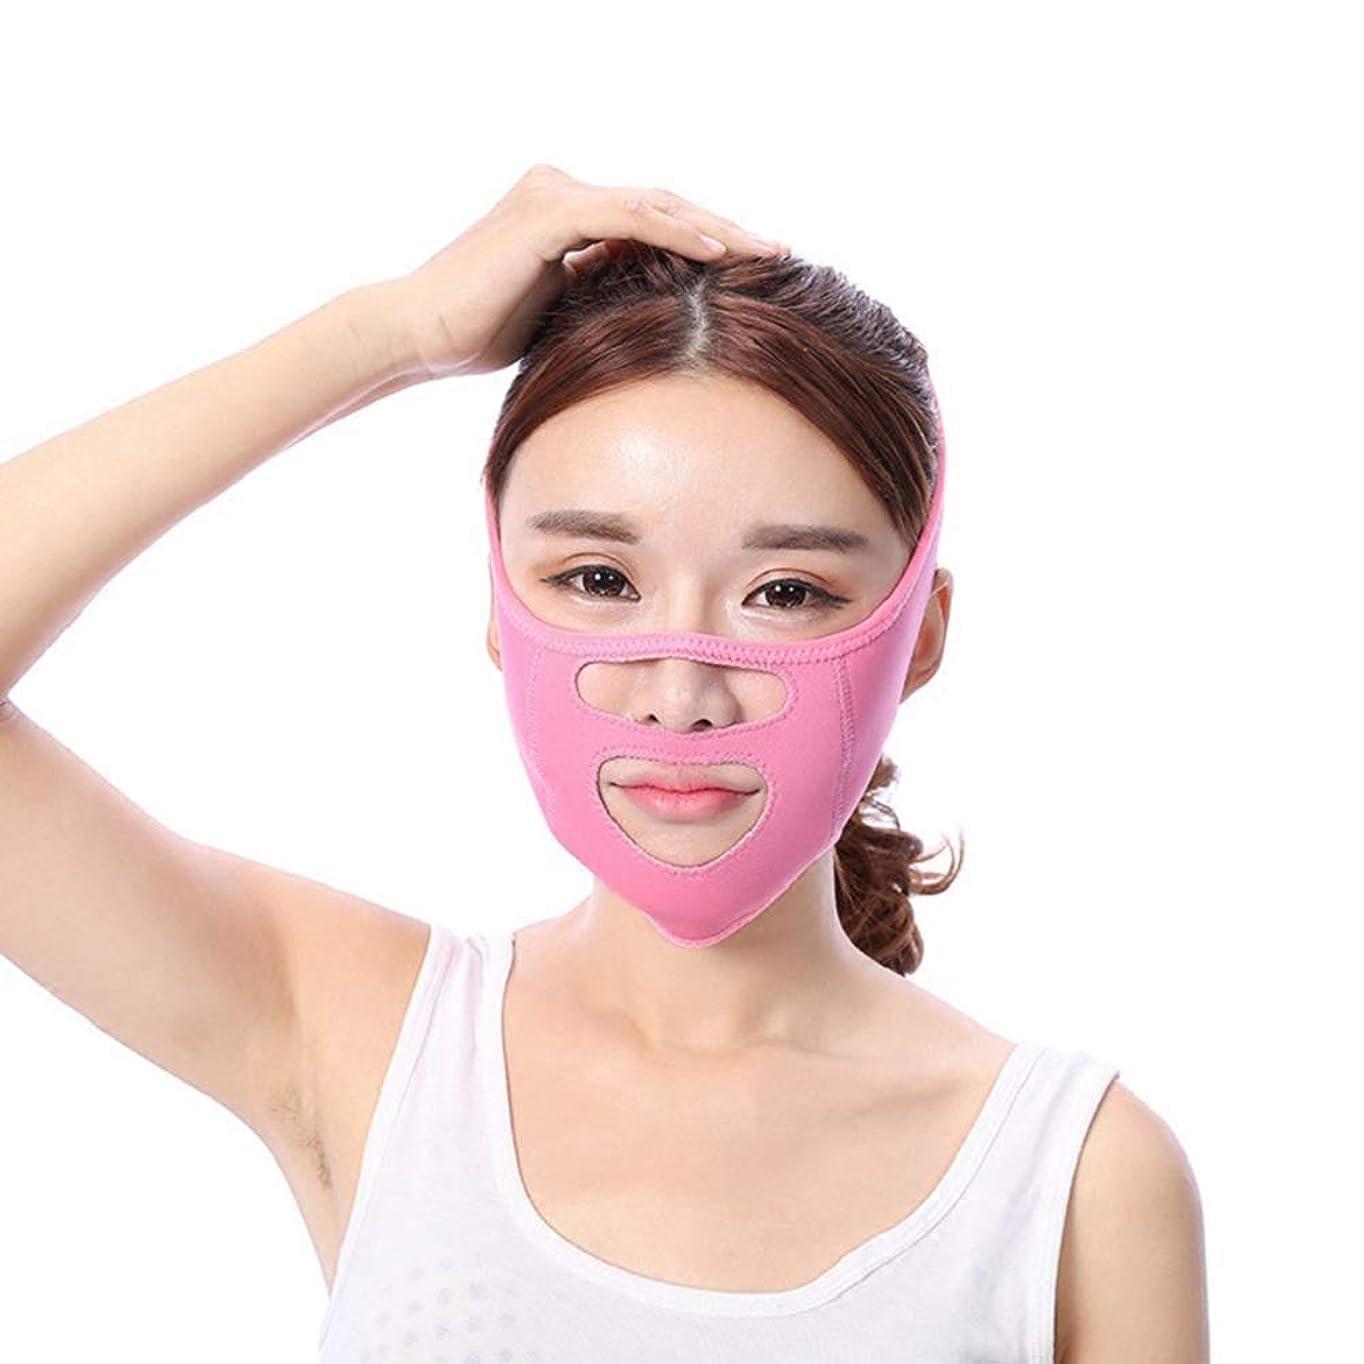 認めるドライブ無駄な薄い表面包帯の美装置の持ち上がることの固まる二重あごのDecree Vのマスクの通気性の睡眠のマスク